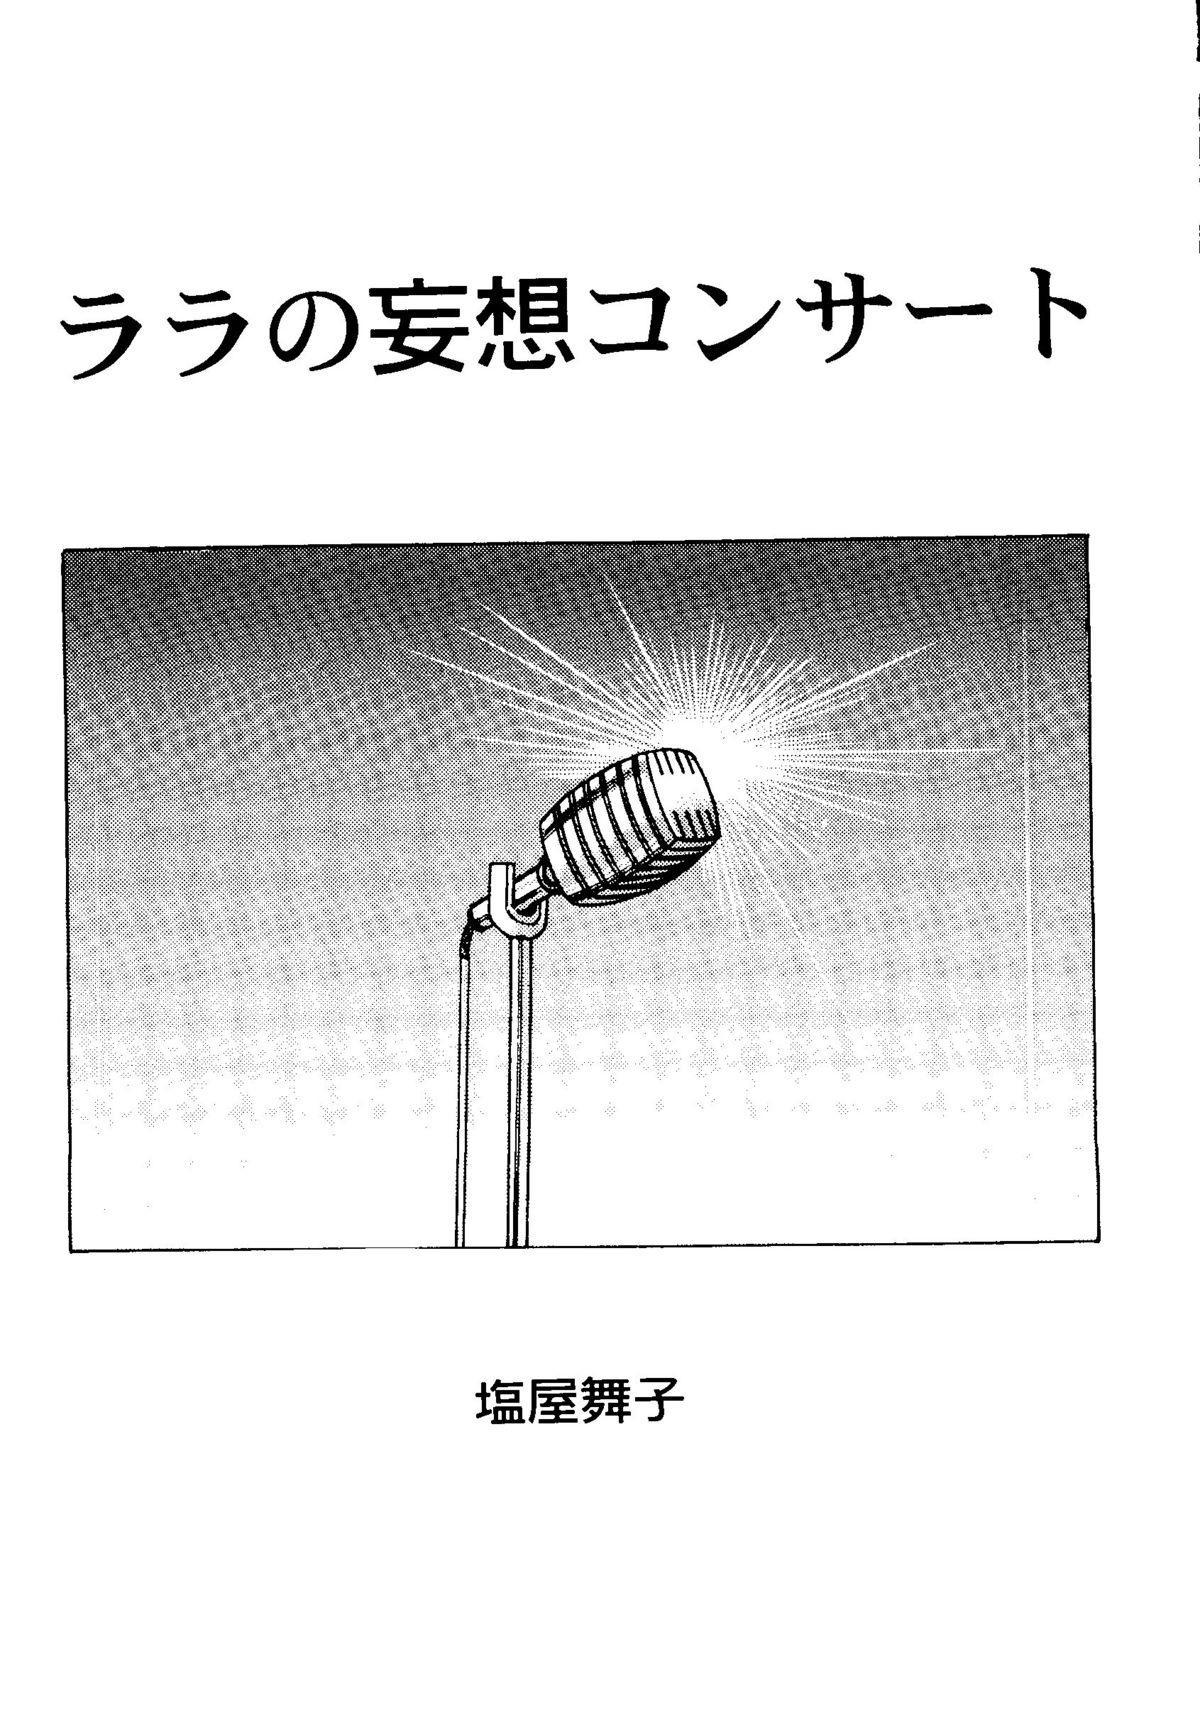 Bishoujo Doujinshi Anthology Cute 2 26